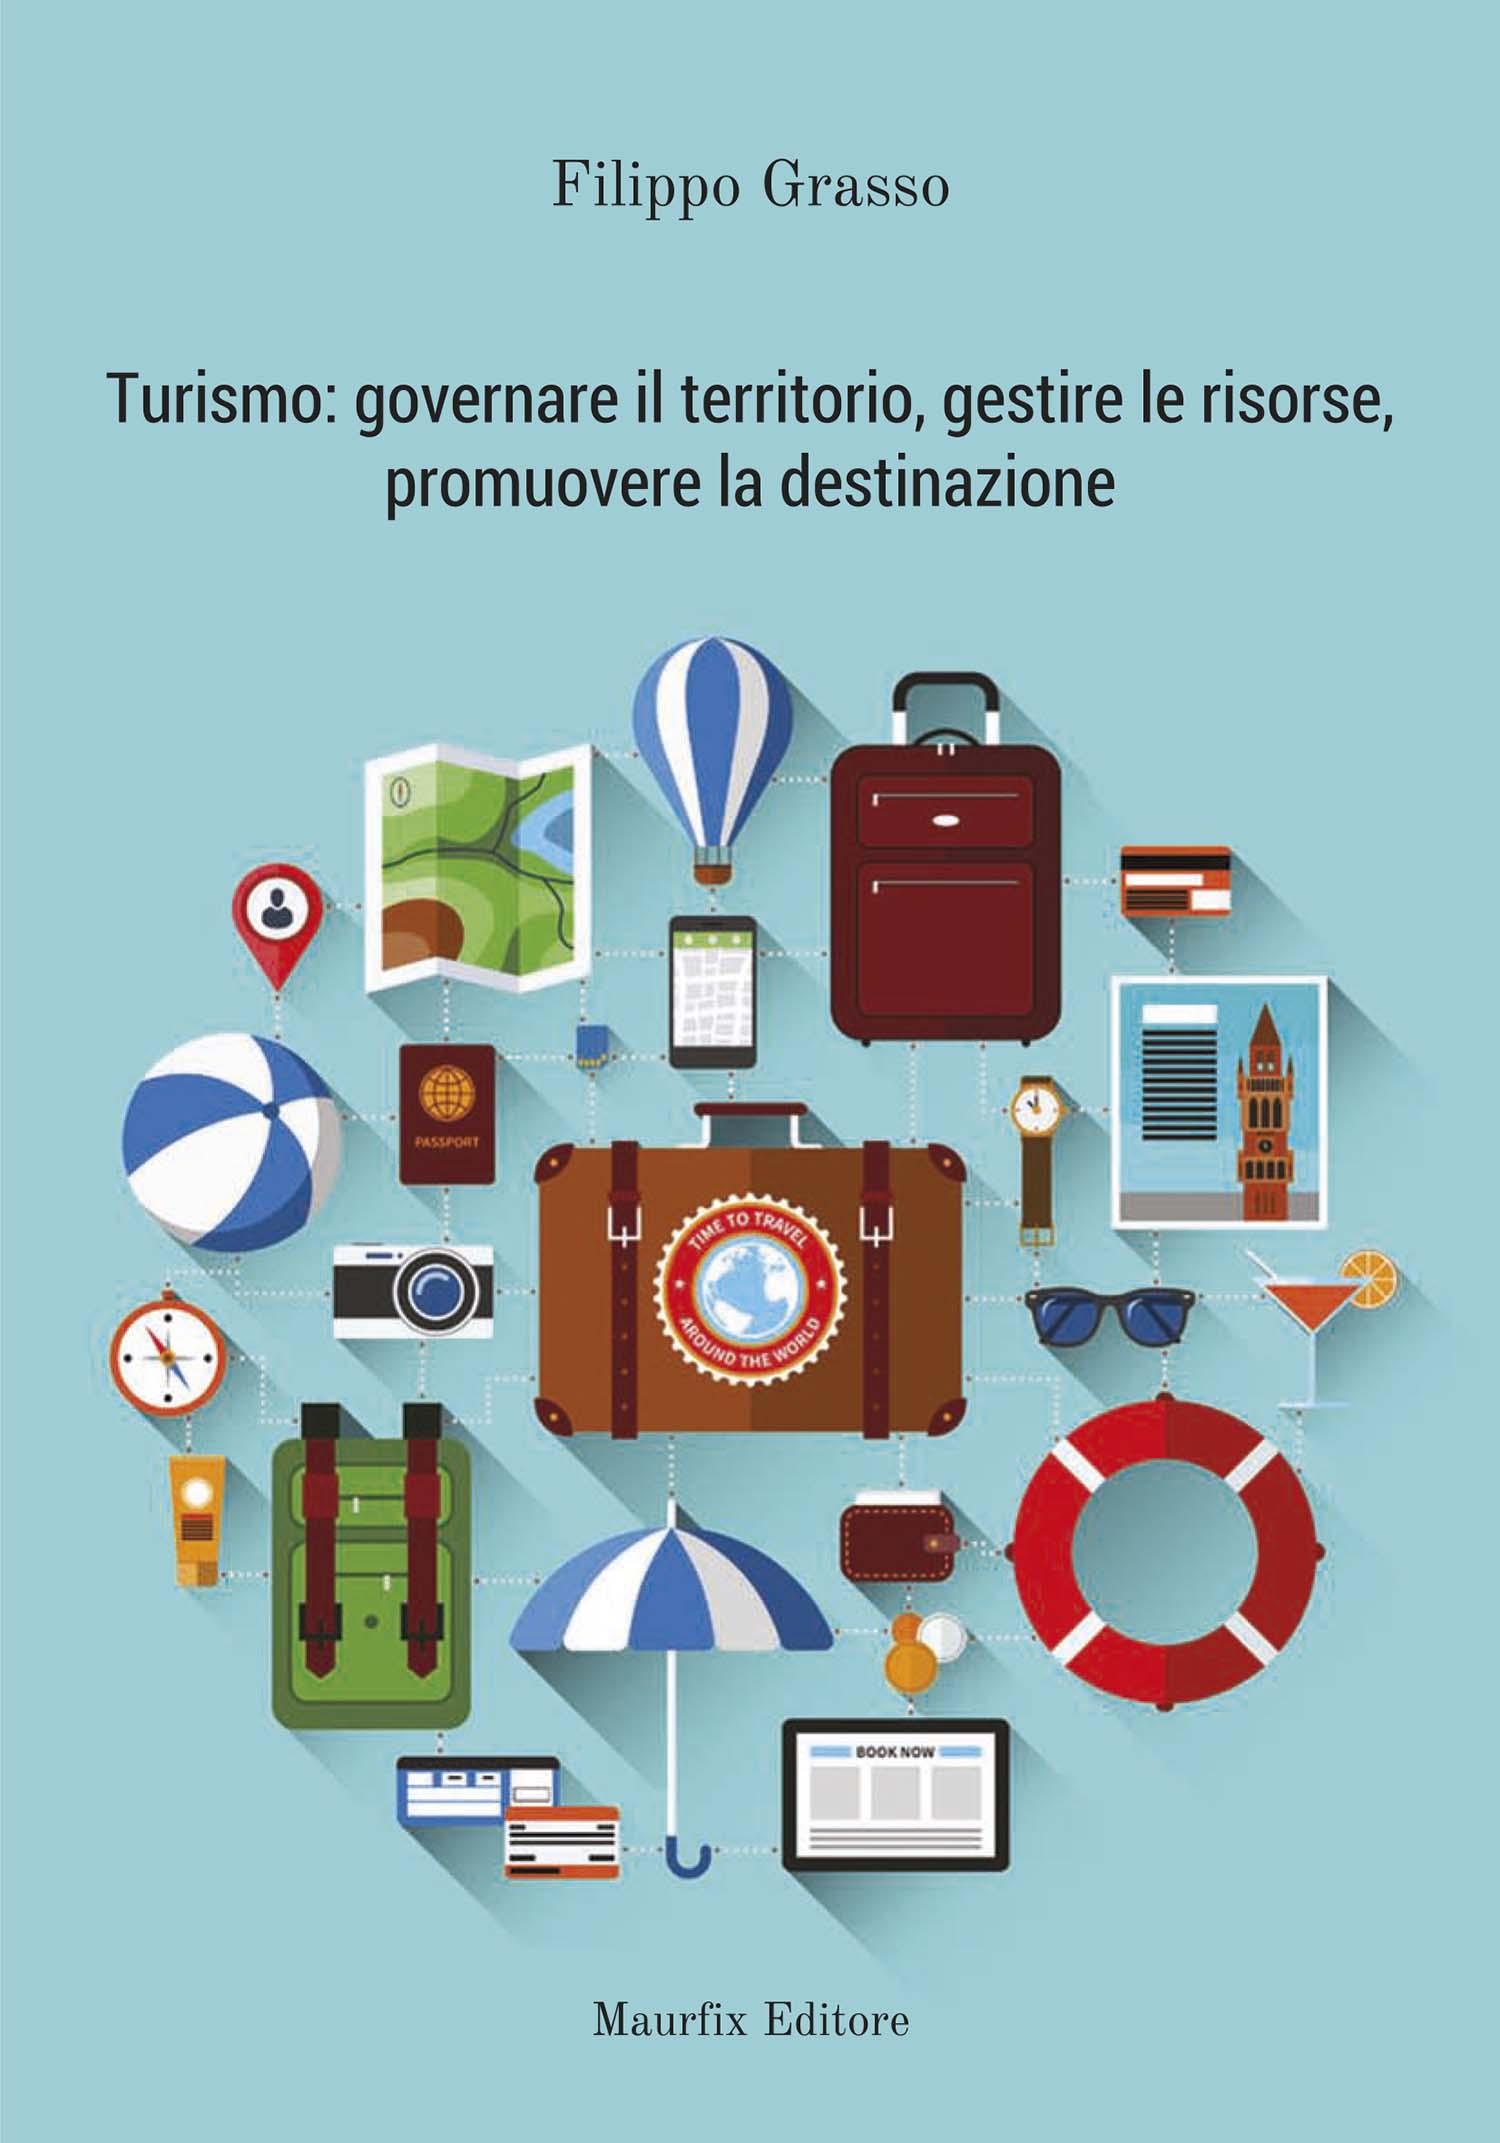 Turismo governare il territorio